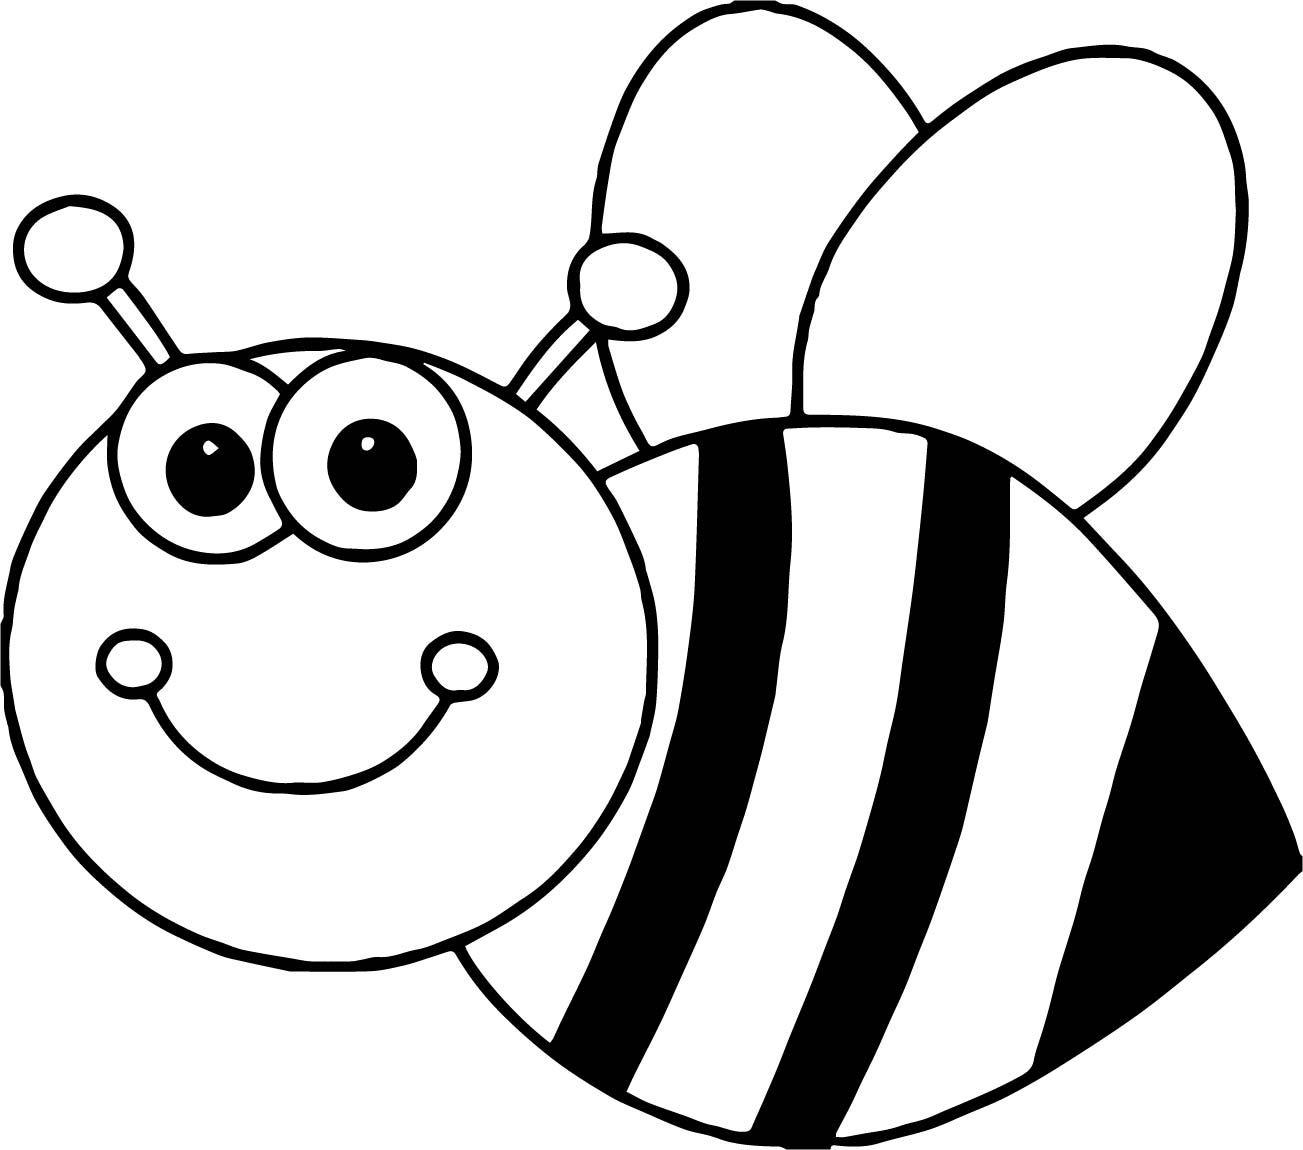 Cool Bee Coloring Cartoon Page Knutselen Voor Kinderen Knutselen Groep 3 Thema